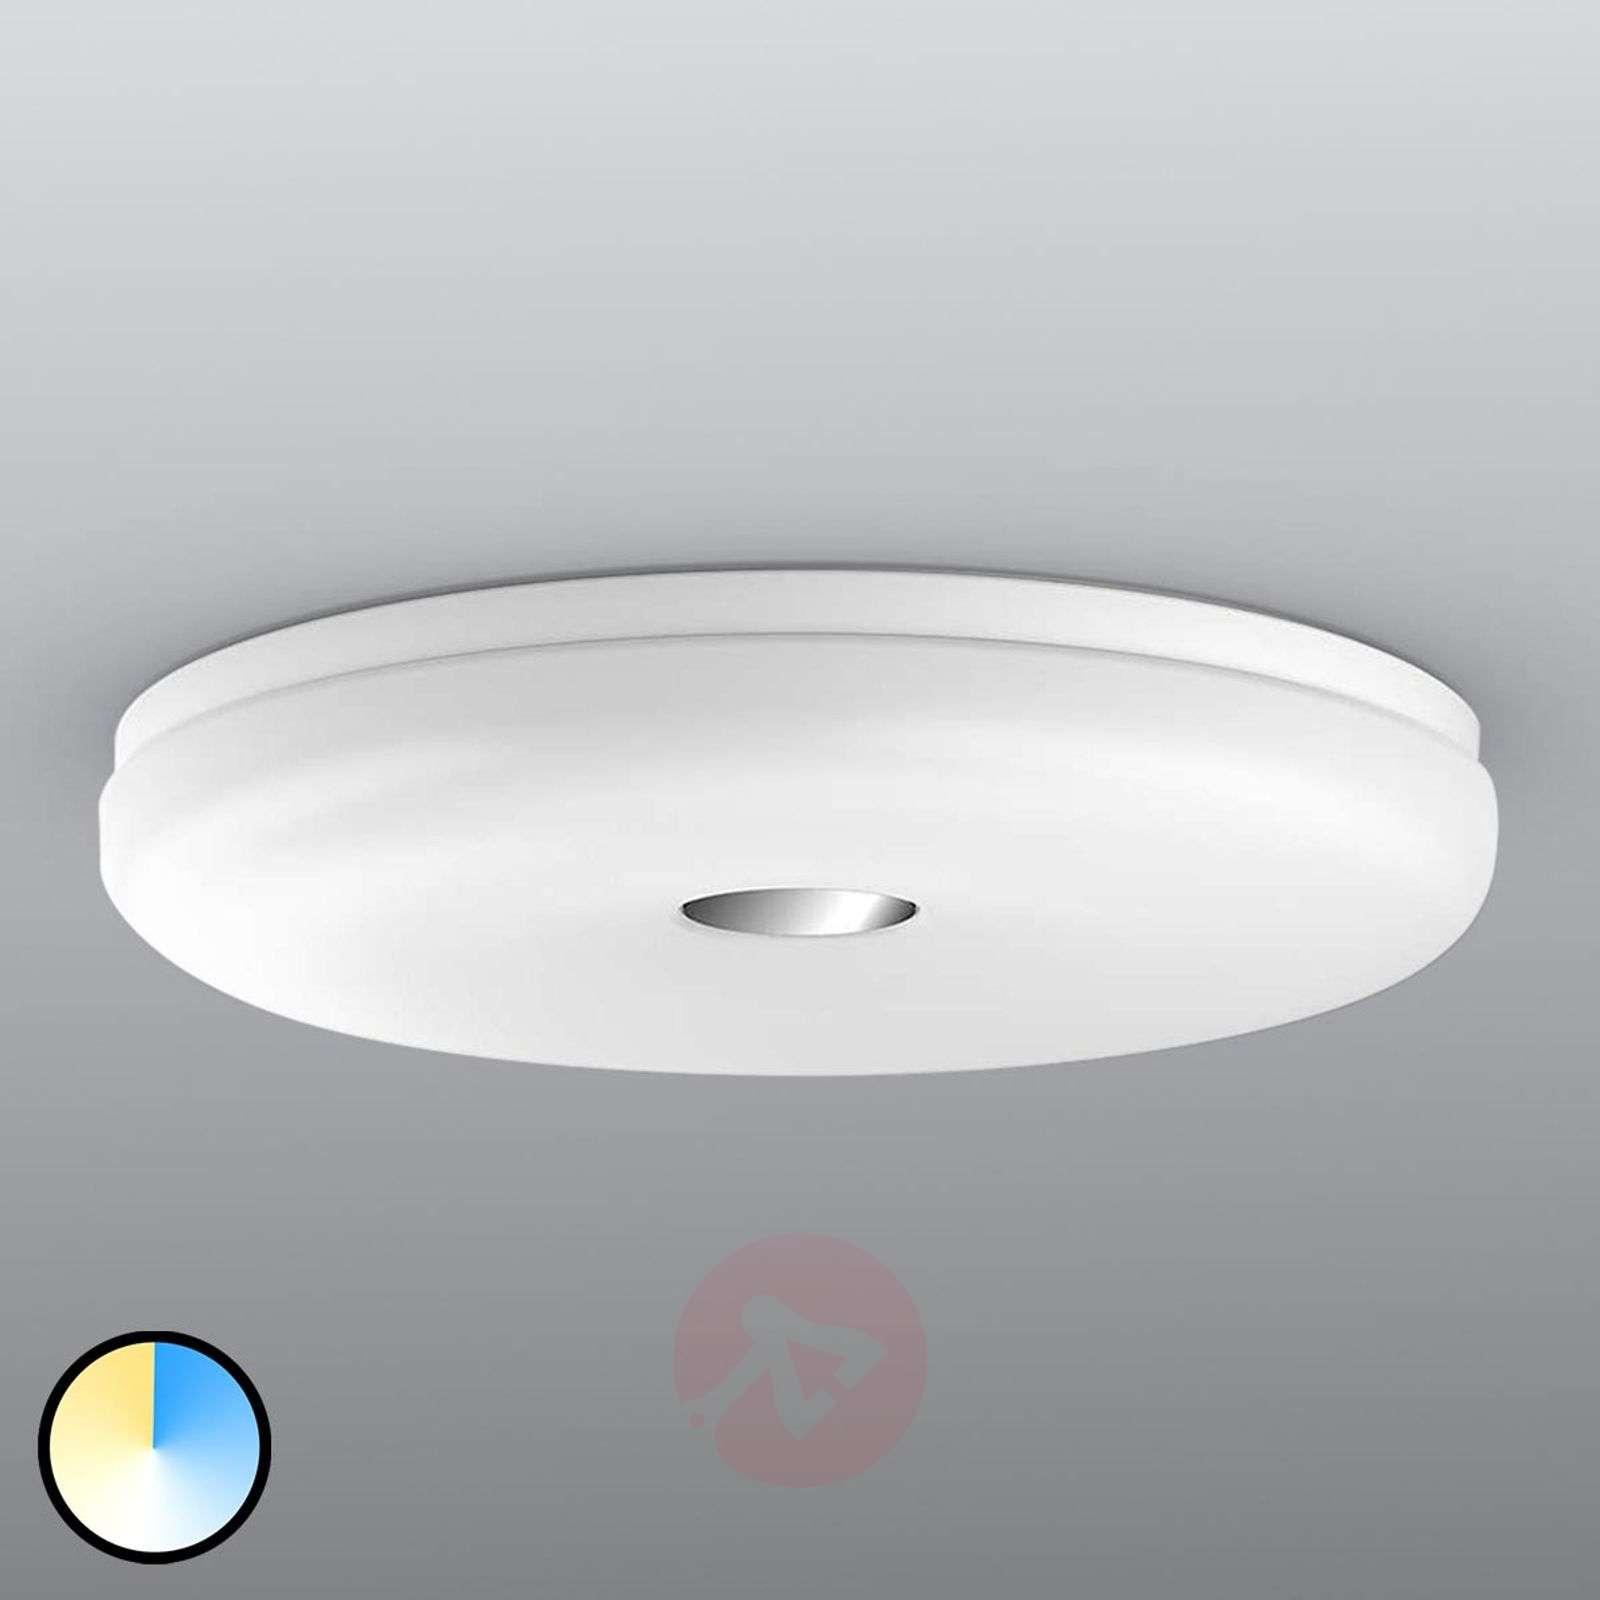 Philips Hue Struana LED ceiling light-7532038-01